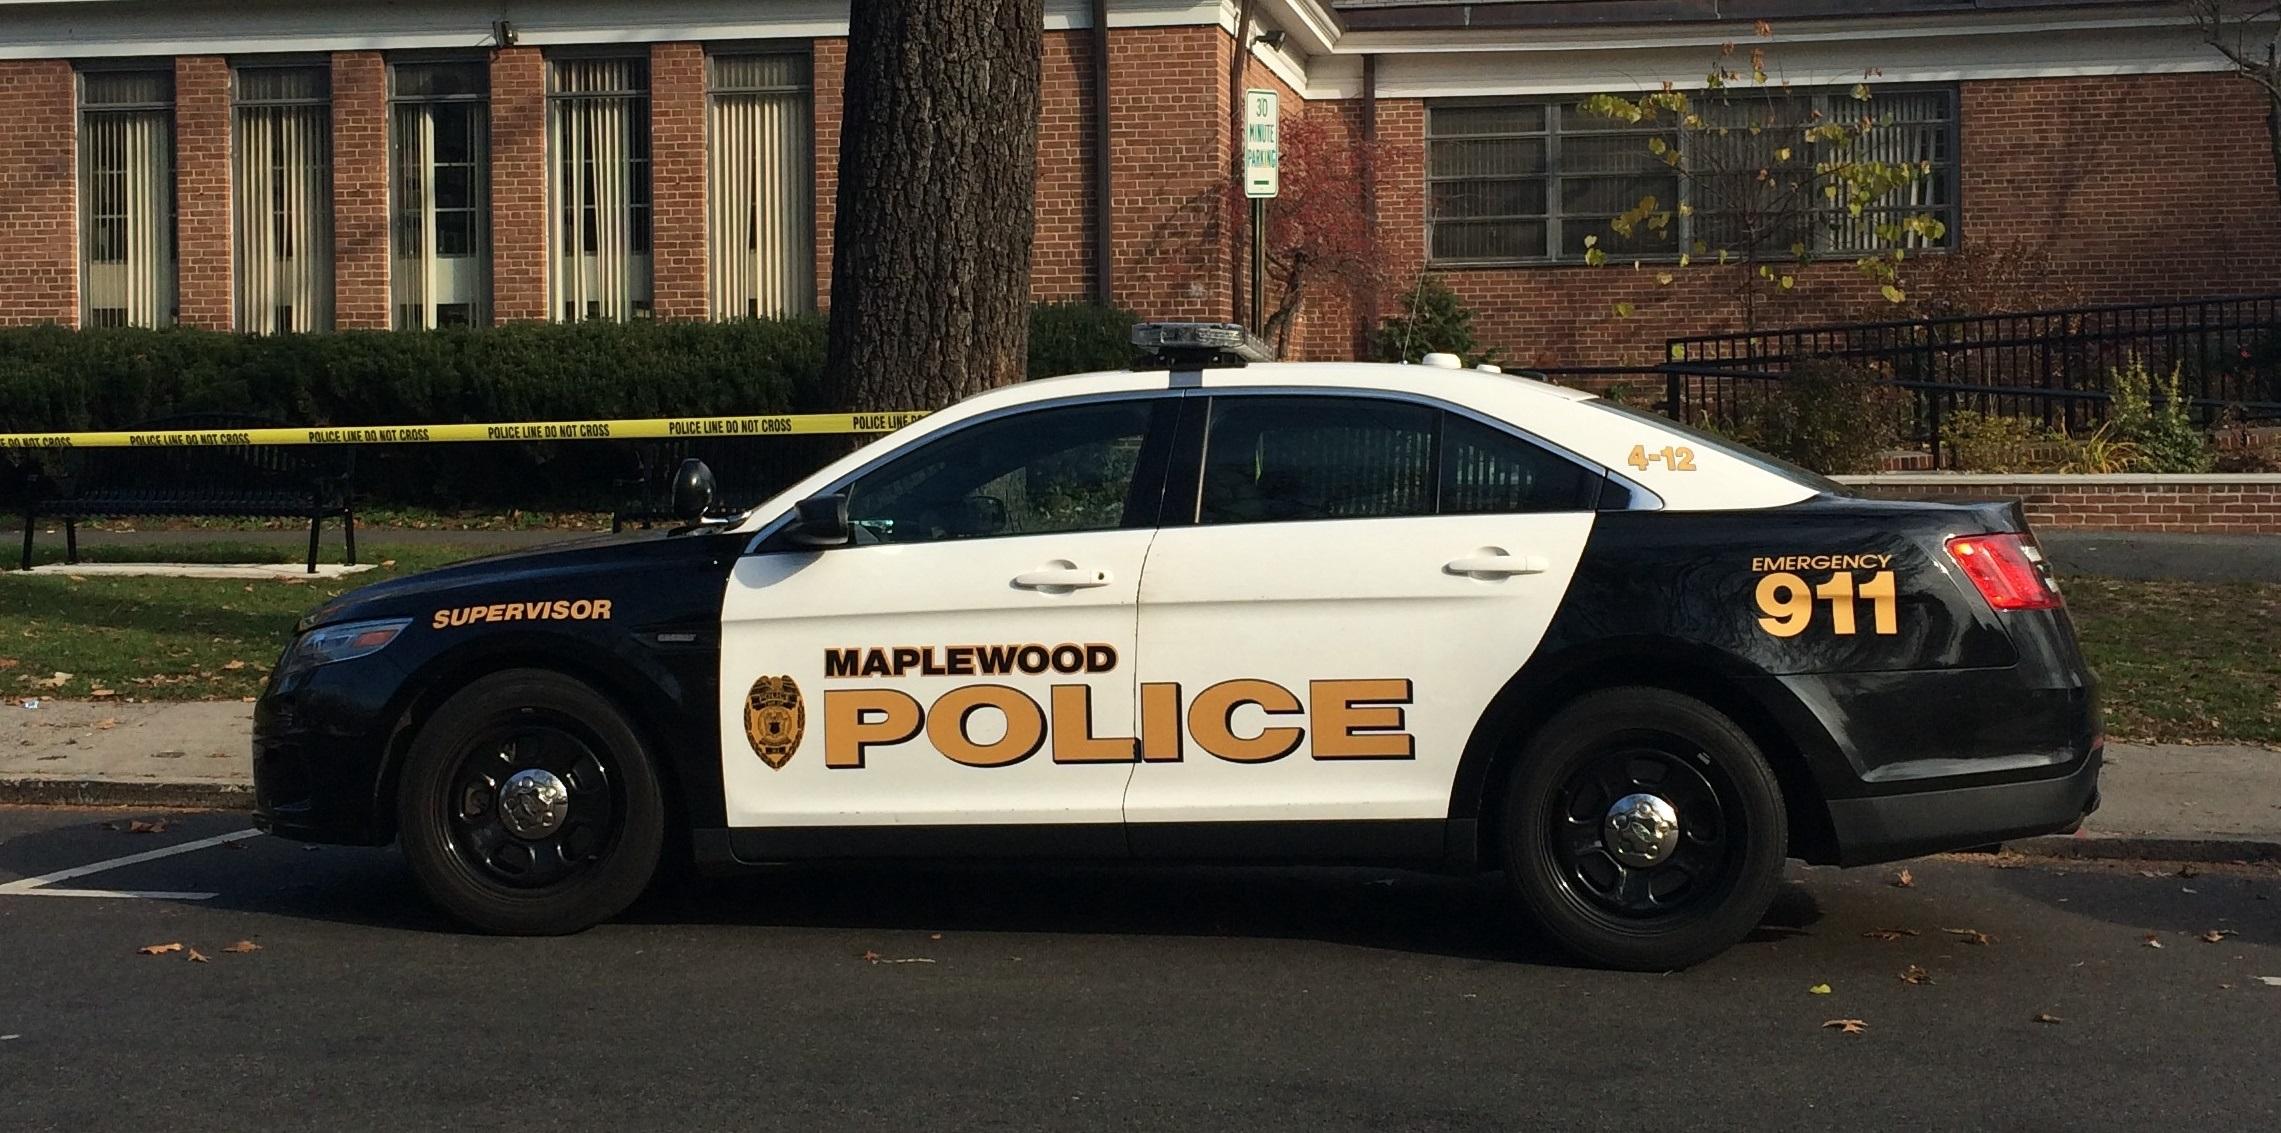 ef715ad4ca8462e032bf_Maplewood_police_car_h.jpg